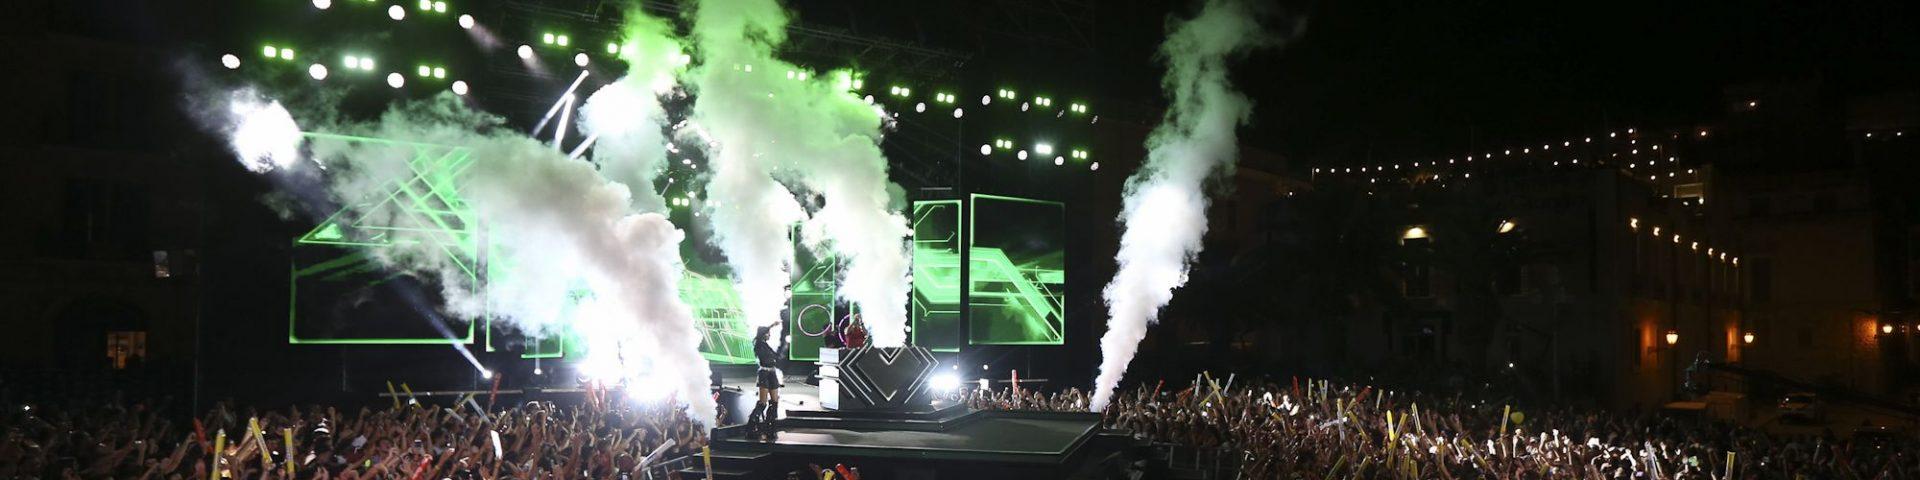 Battiti Live 2019 su Italia 1 da Trani: scaletta e streaming